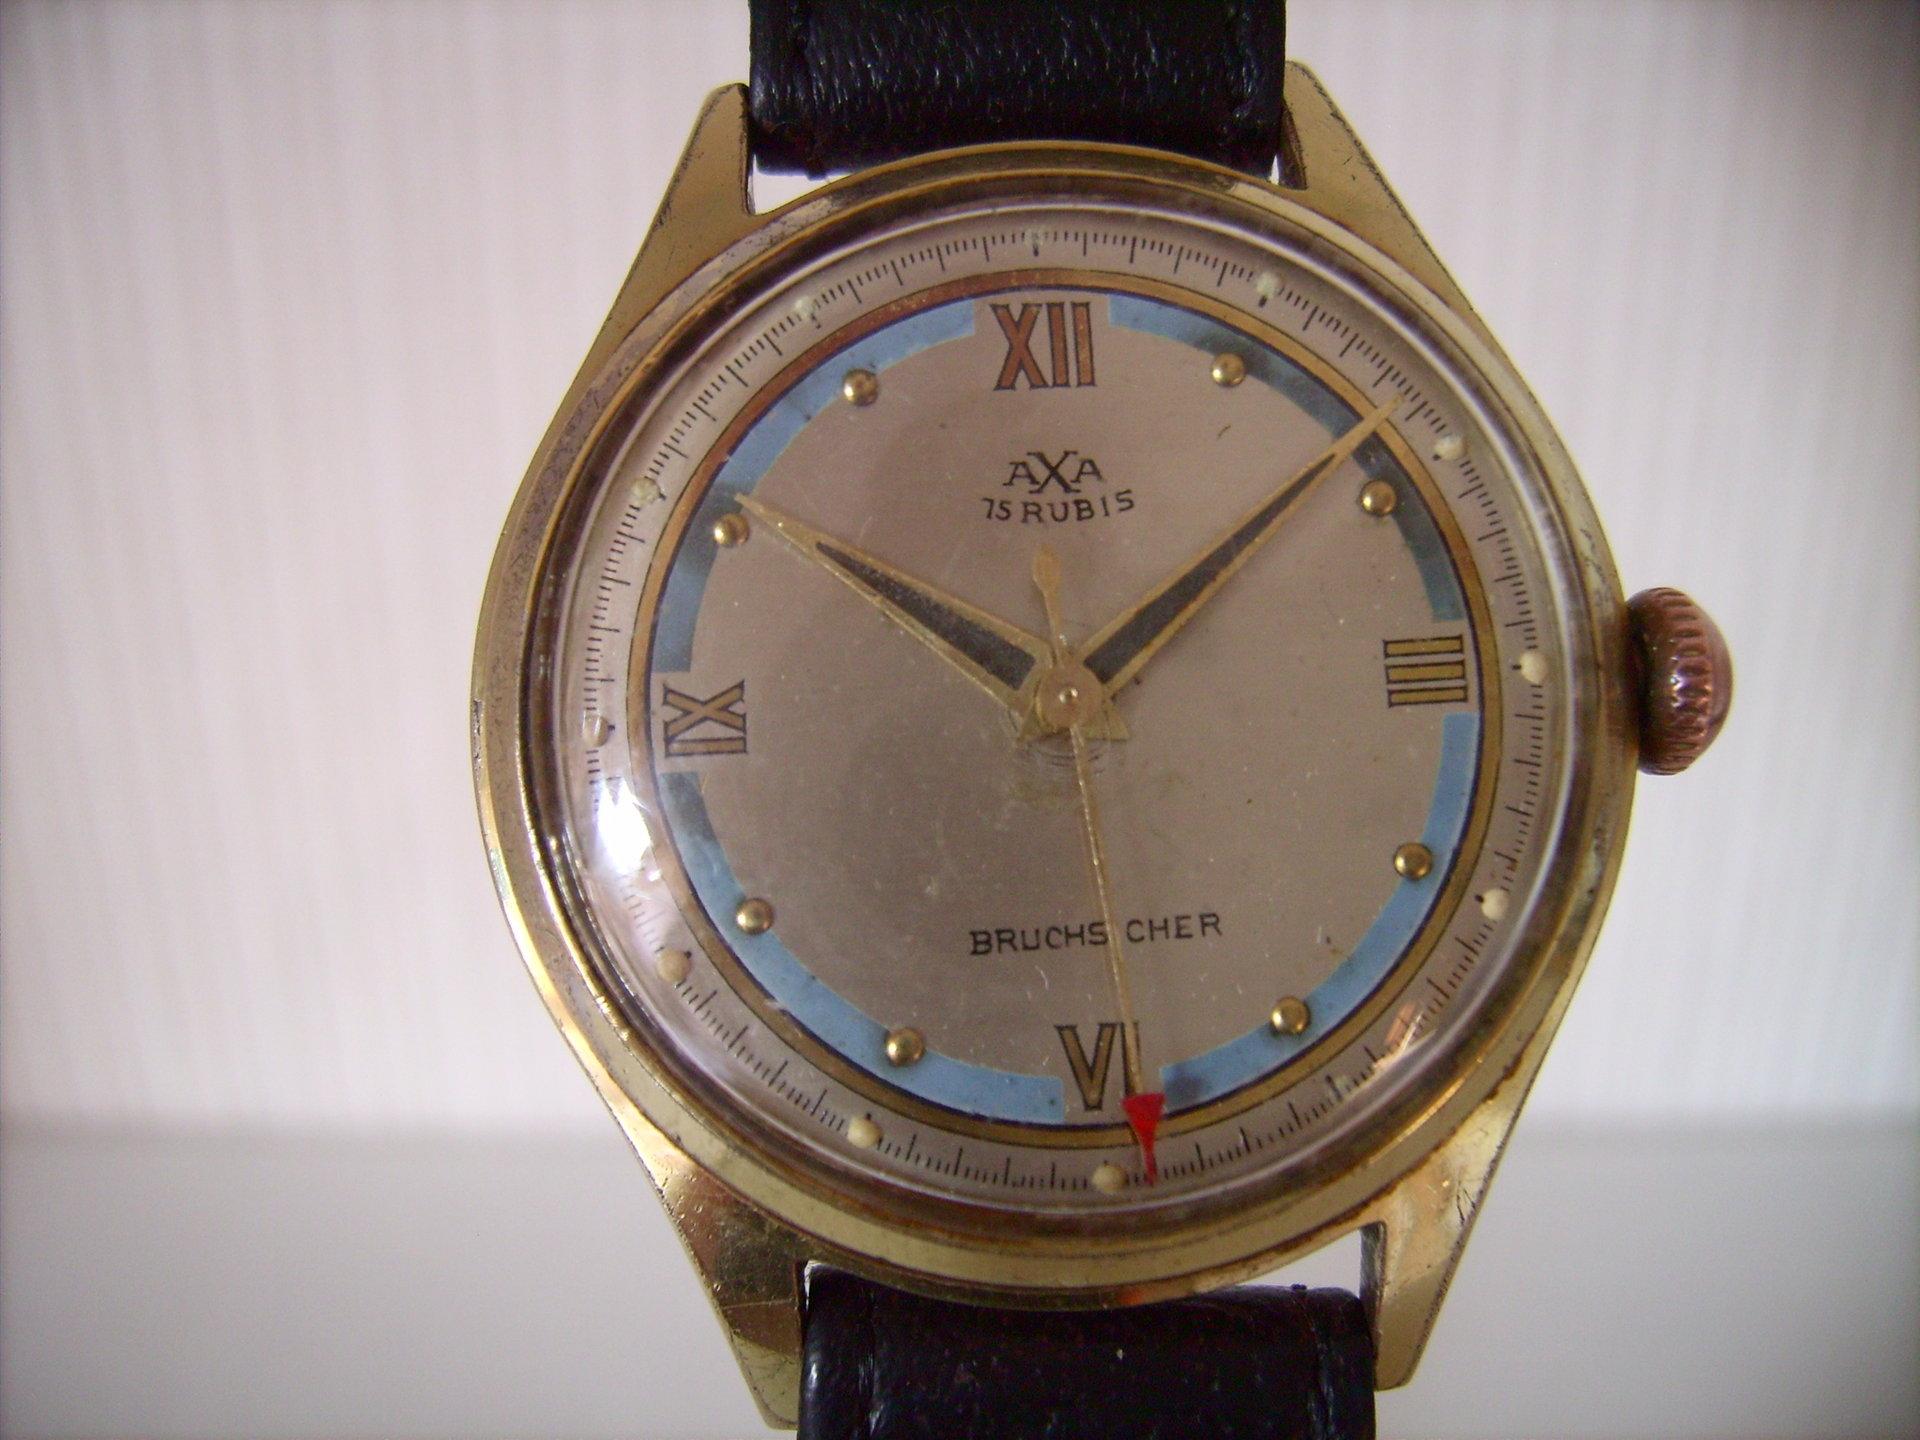 Erledigt axa herren vintage watch aus den 40er jahren for Mobel aus den 40er jahren